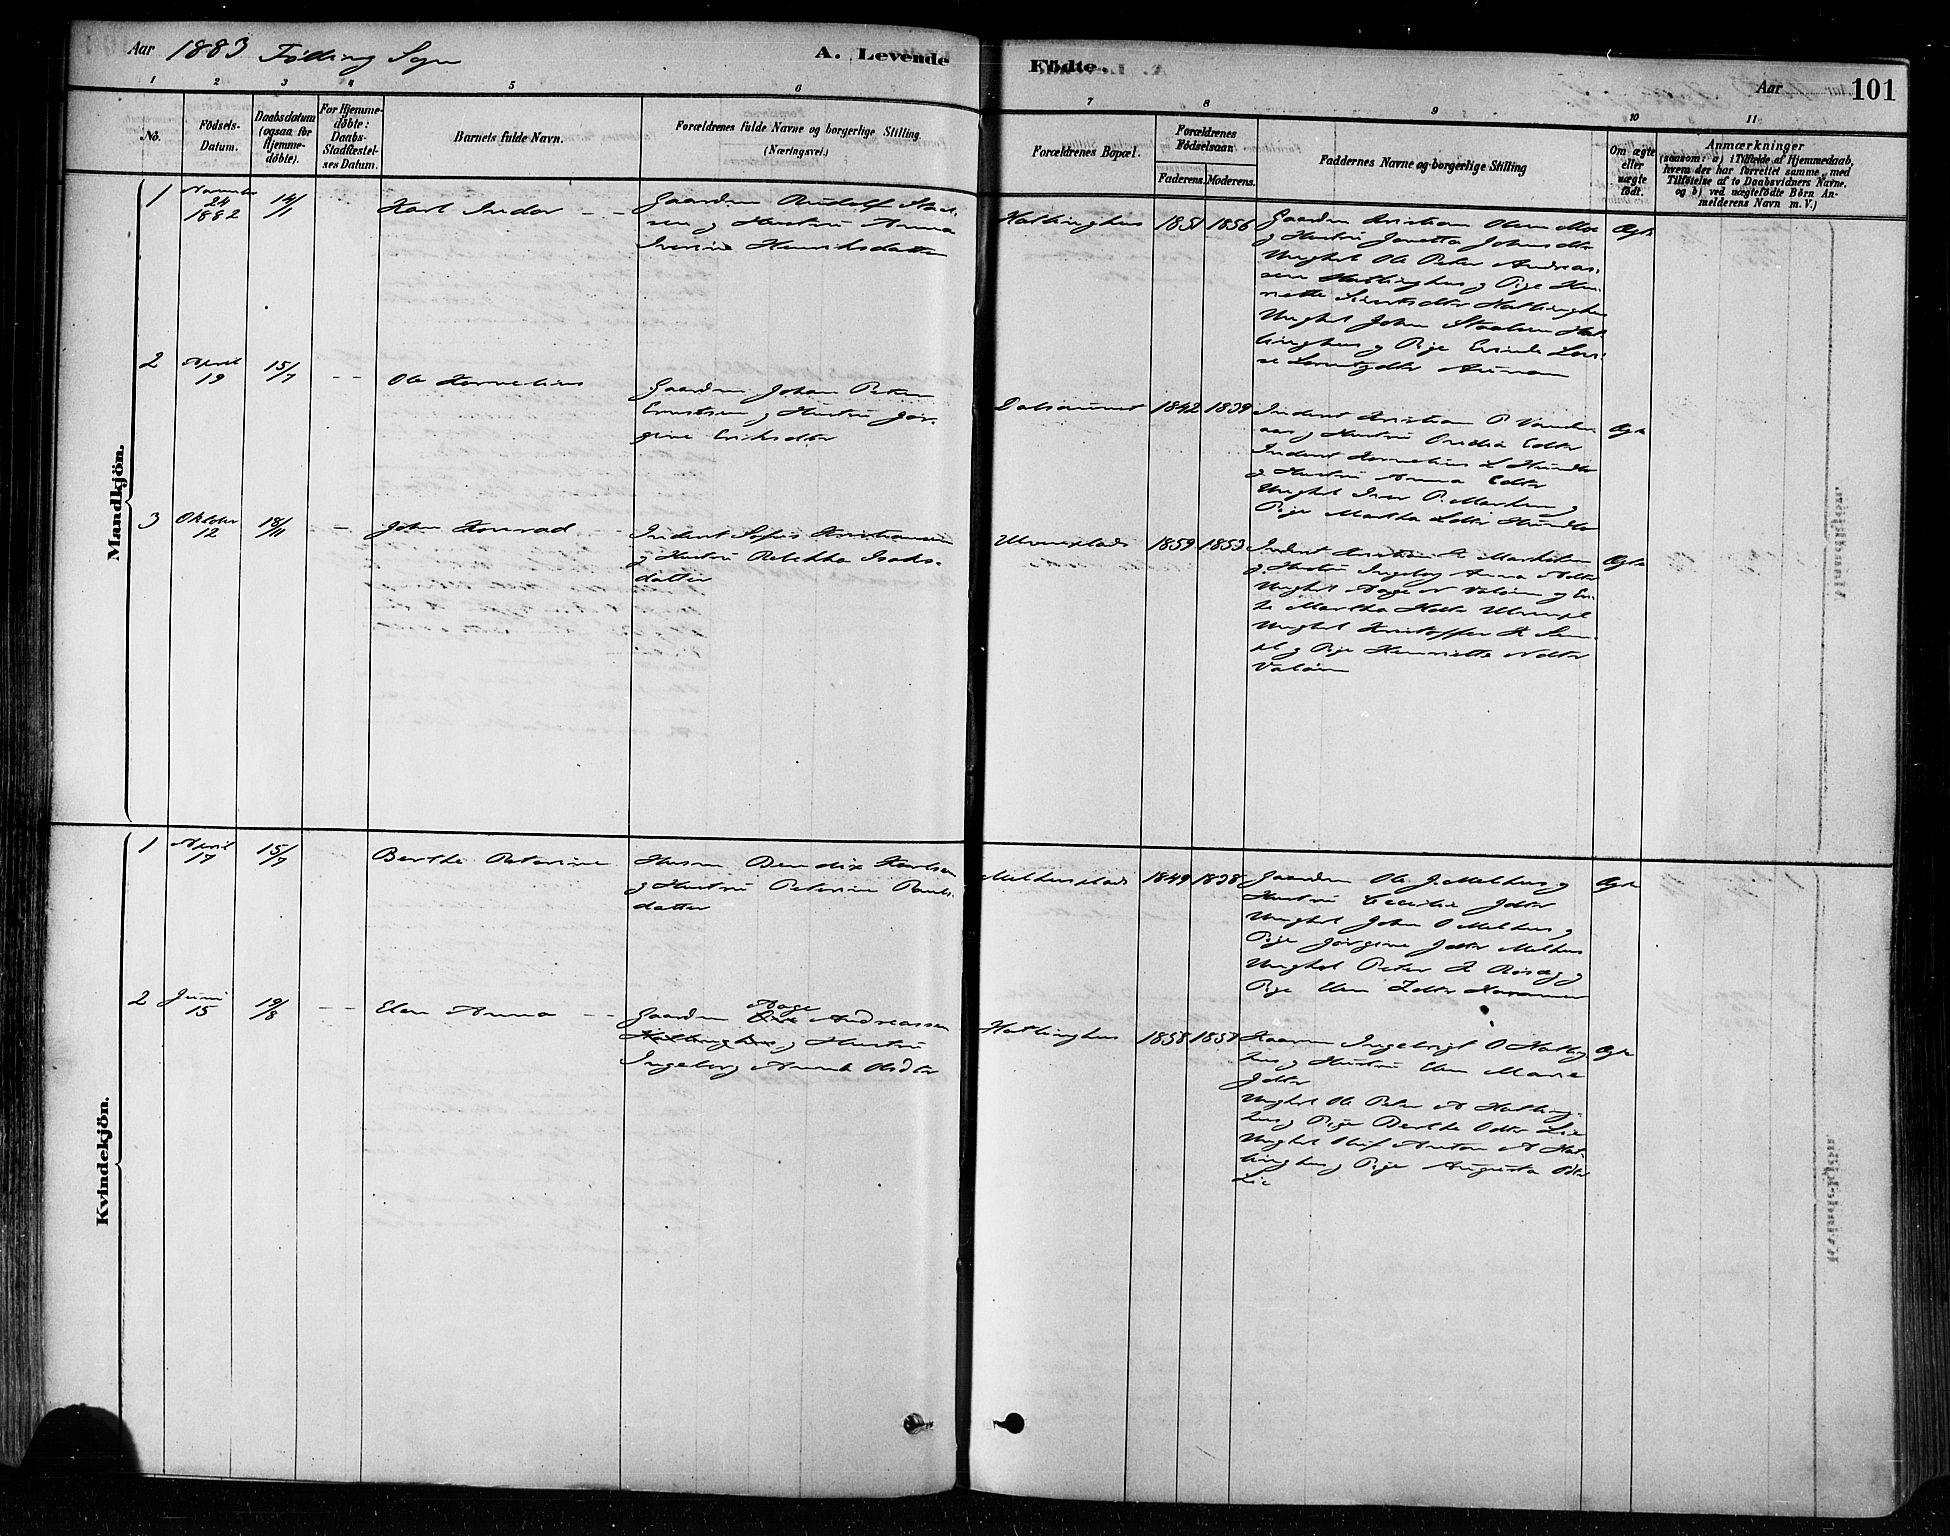 SAT, Ministerialprotokoller, klokkerbøker og fødselsregistre - Nord-Trøndelag, 746/L0449: Ministerialbok nr. 746A07 /3, 1878-1899, s. 101